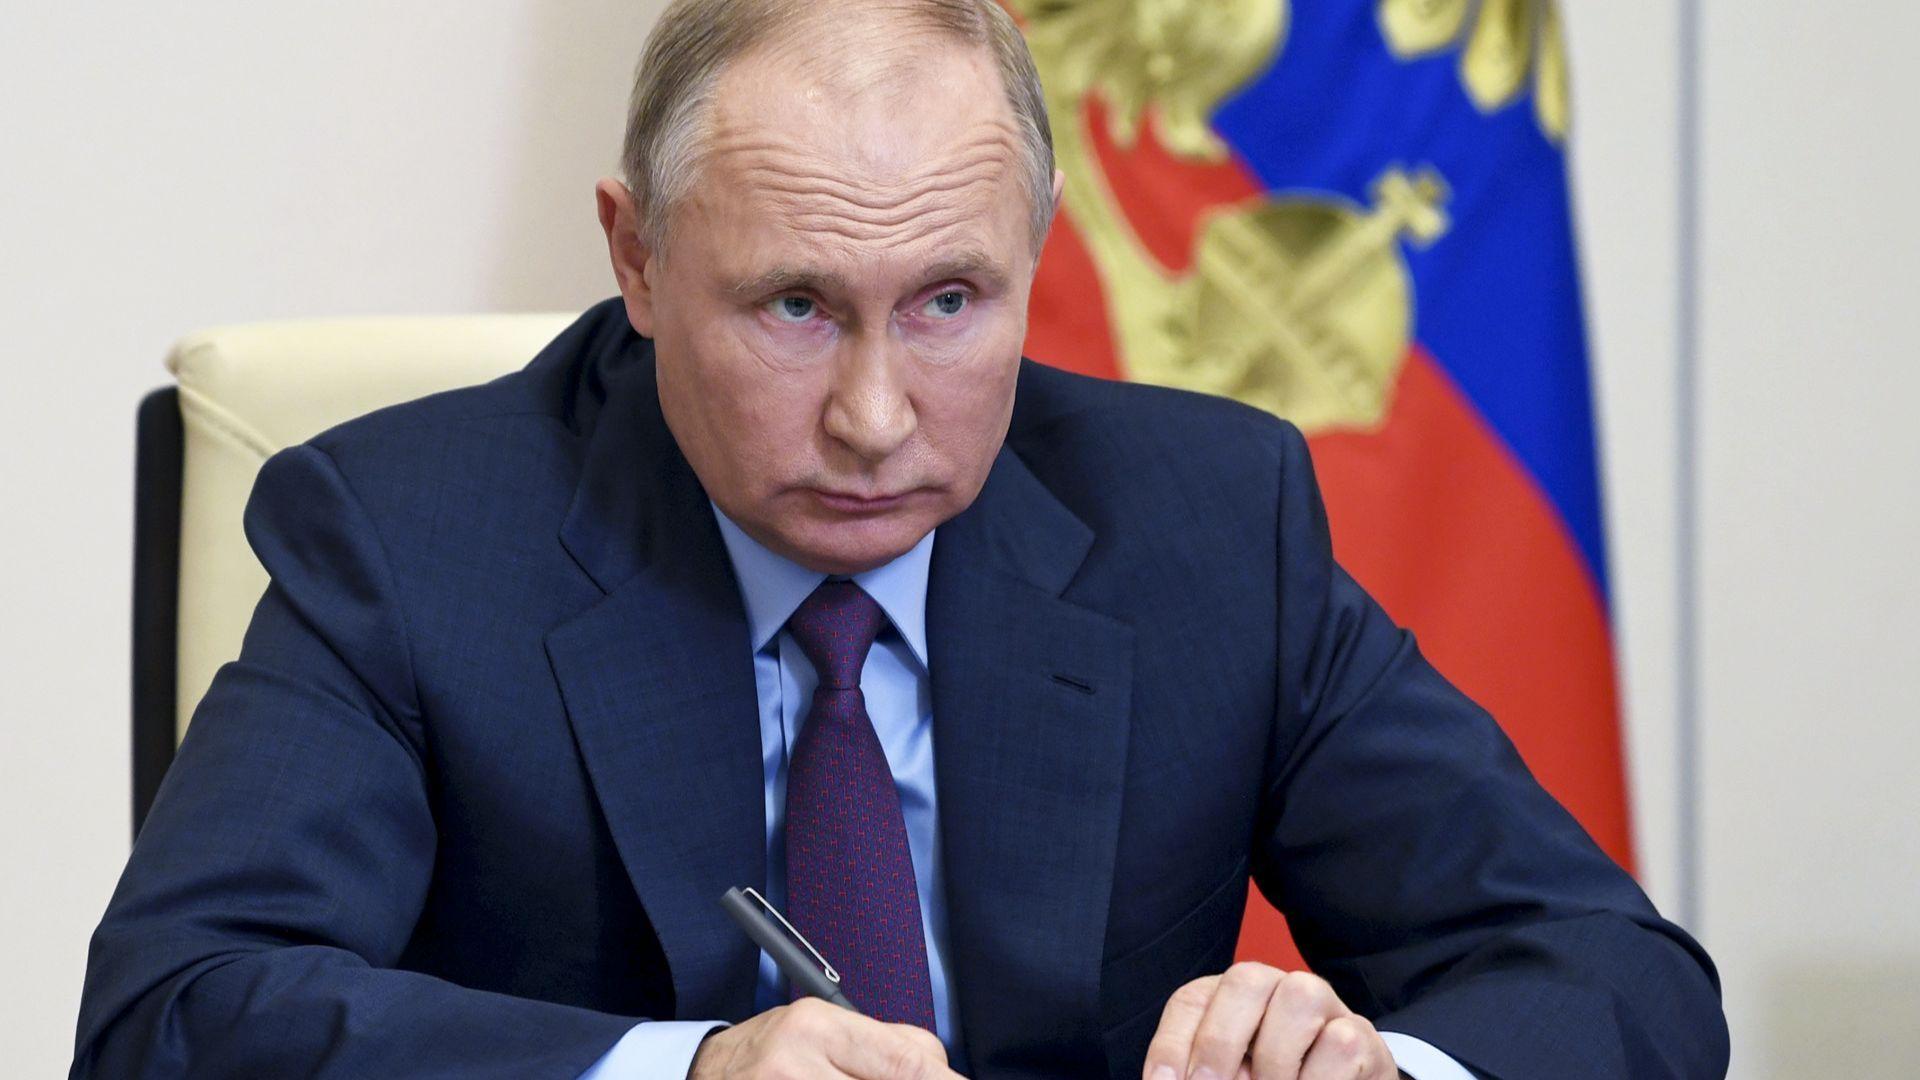 Путин подписа серия закони срещу американски социални мрежи, протести и журналисти